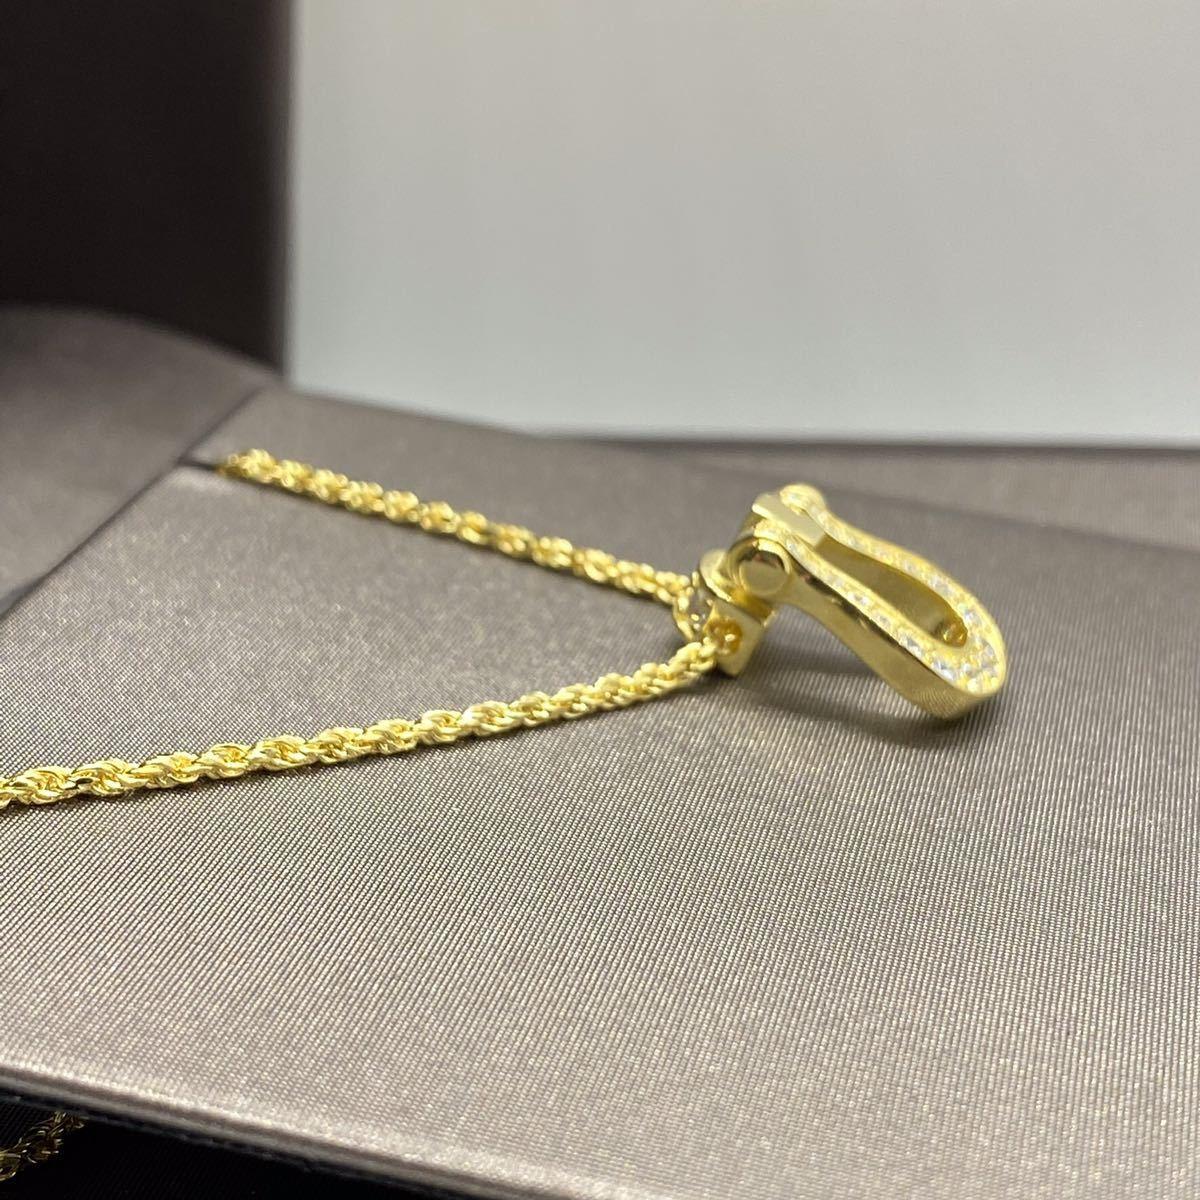 [最高品質] フォース ネックレス 18金 ゴールド 18kgp sv925 シルバー925 馬の蹄 5Acz ダイヤモンド 幸運 フレッドではありません_画像3